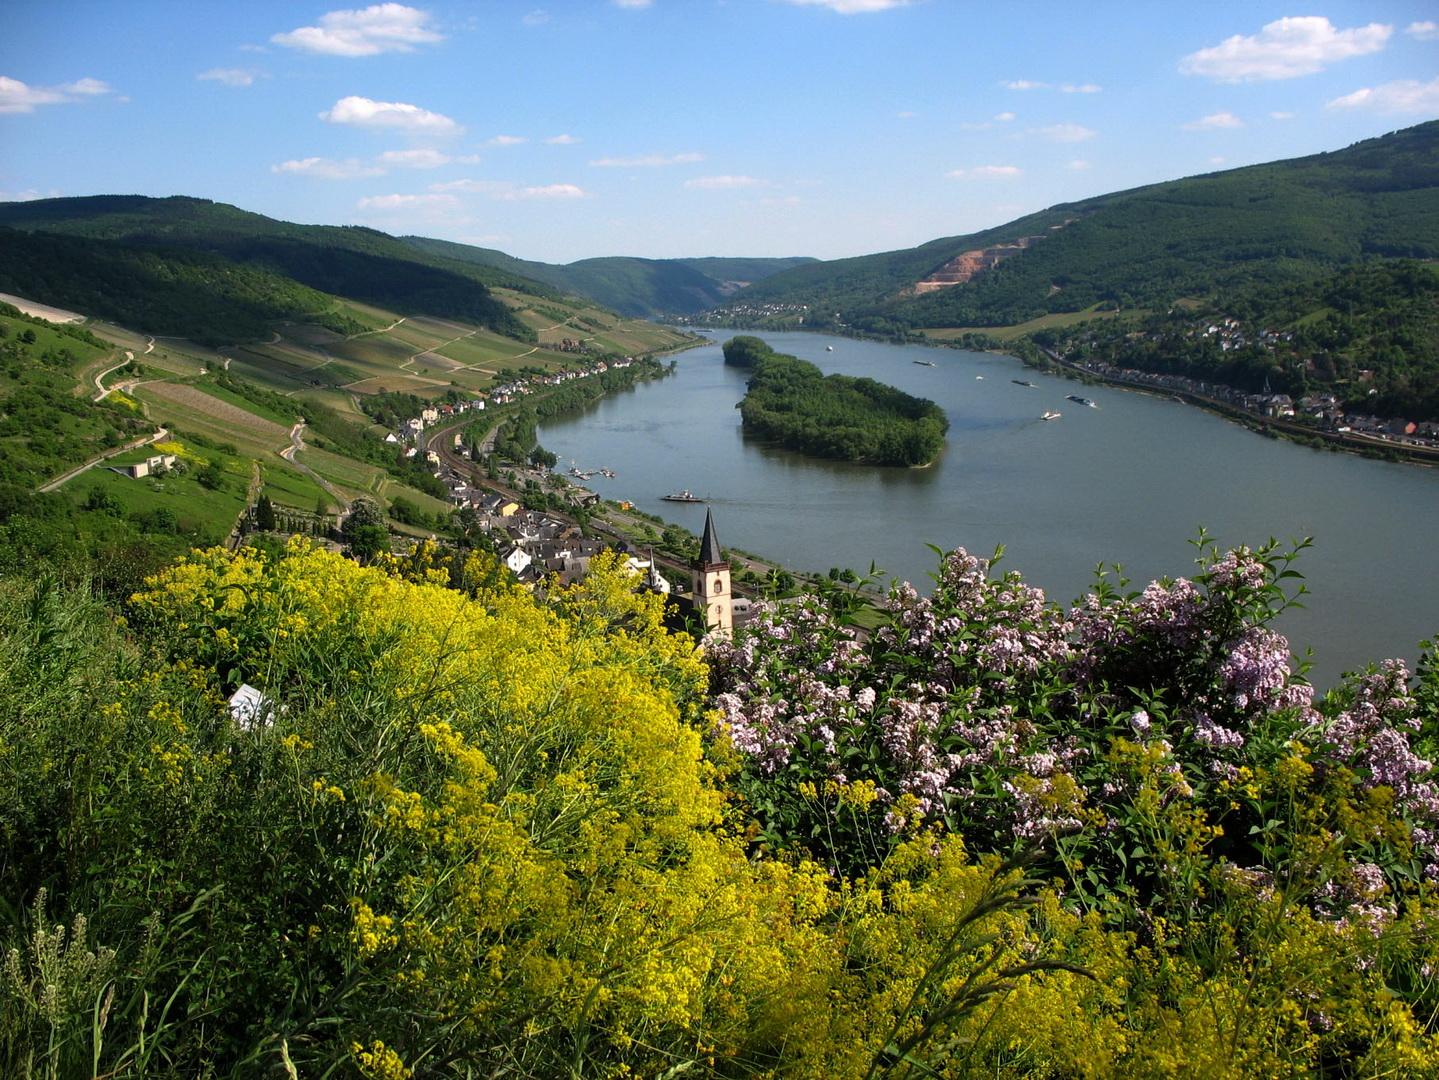 Rheingau_Lorch_am_Rhein_2009